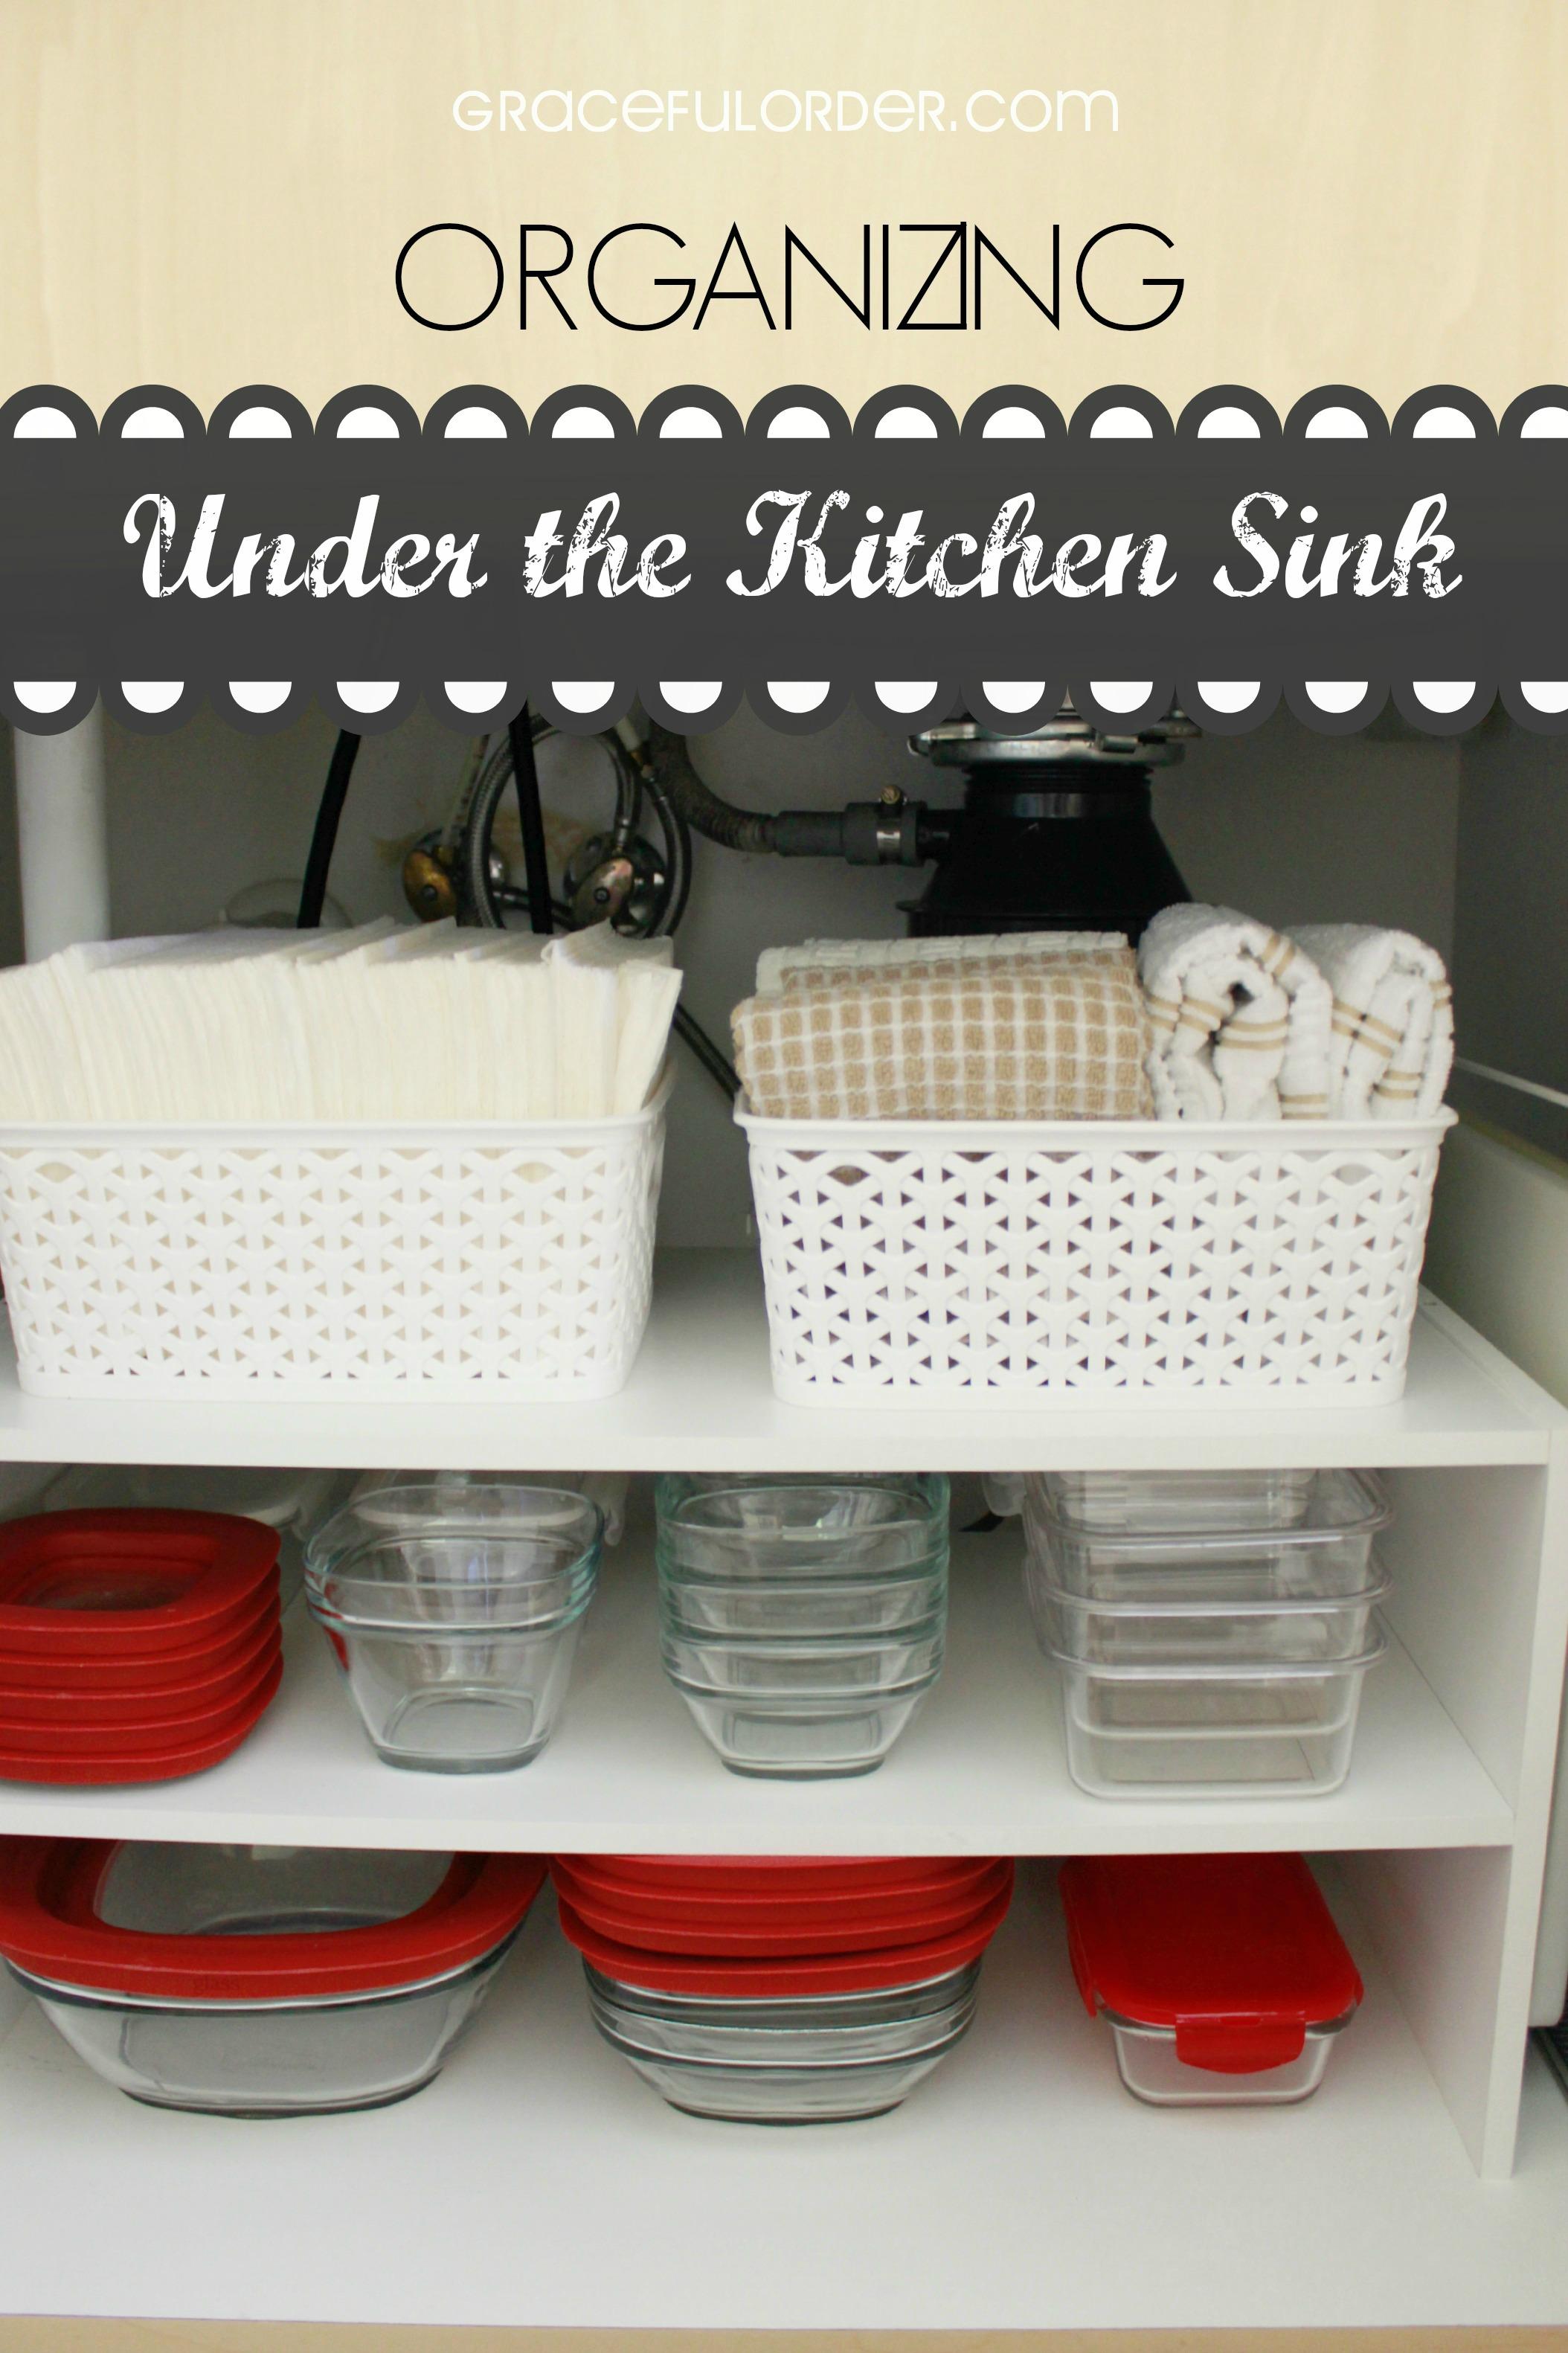 Organize Under Your Kitchen Sink - Graceful Order